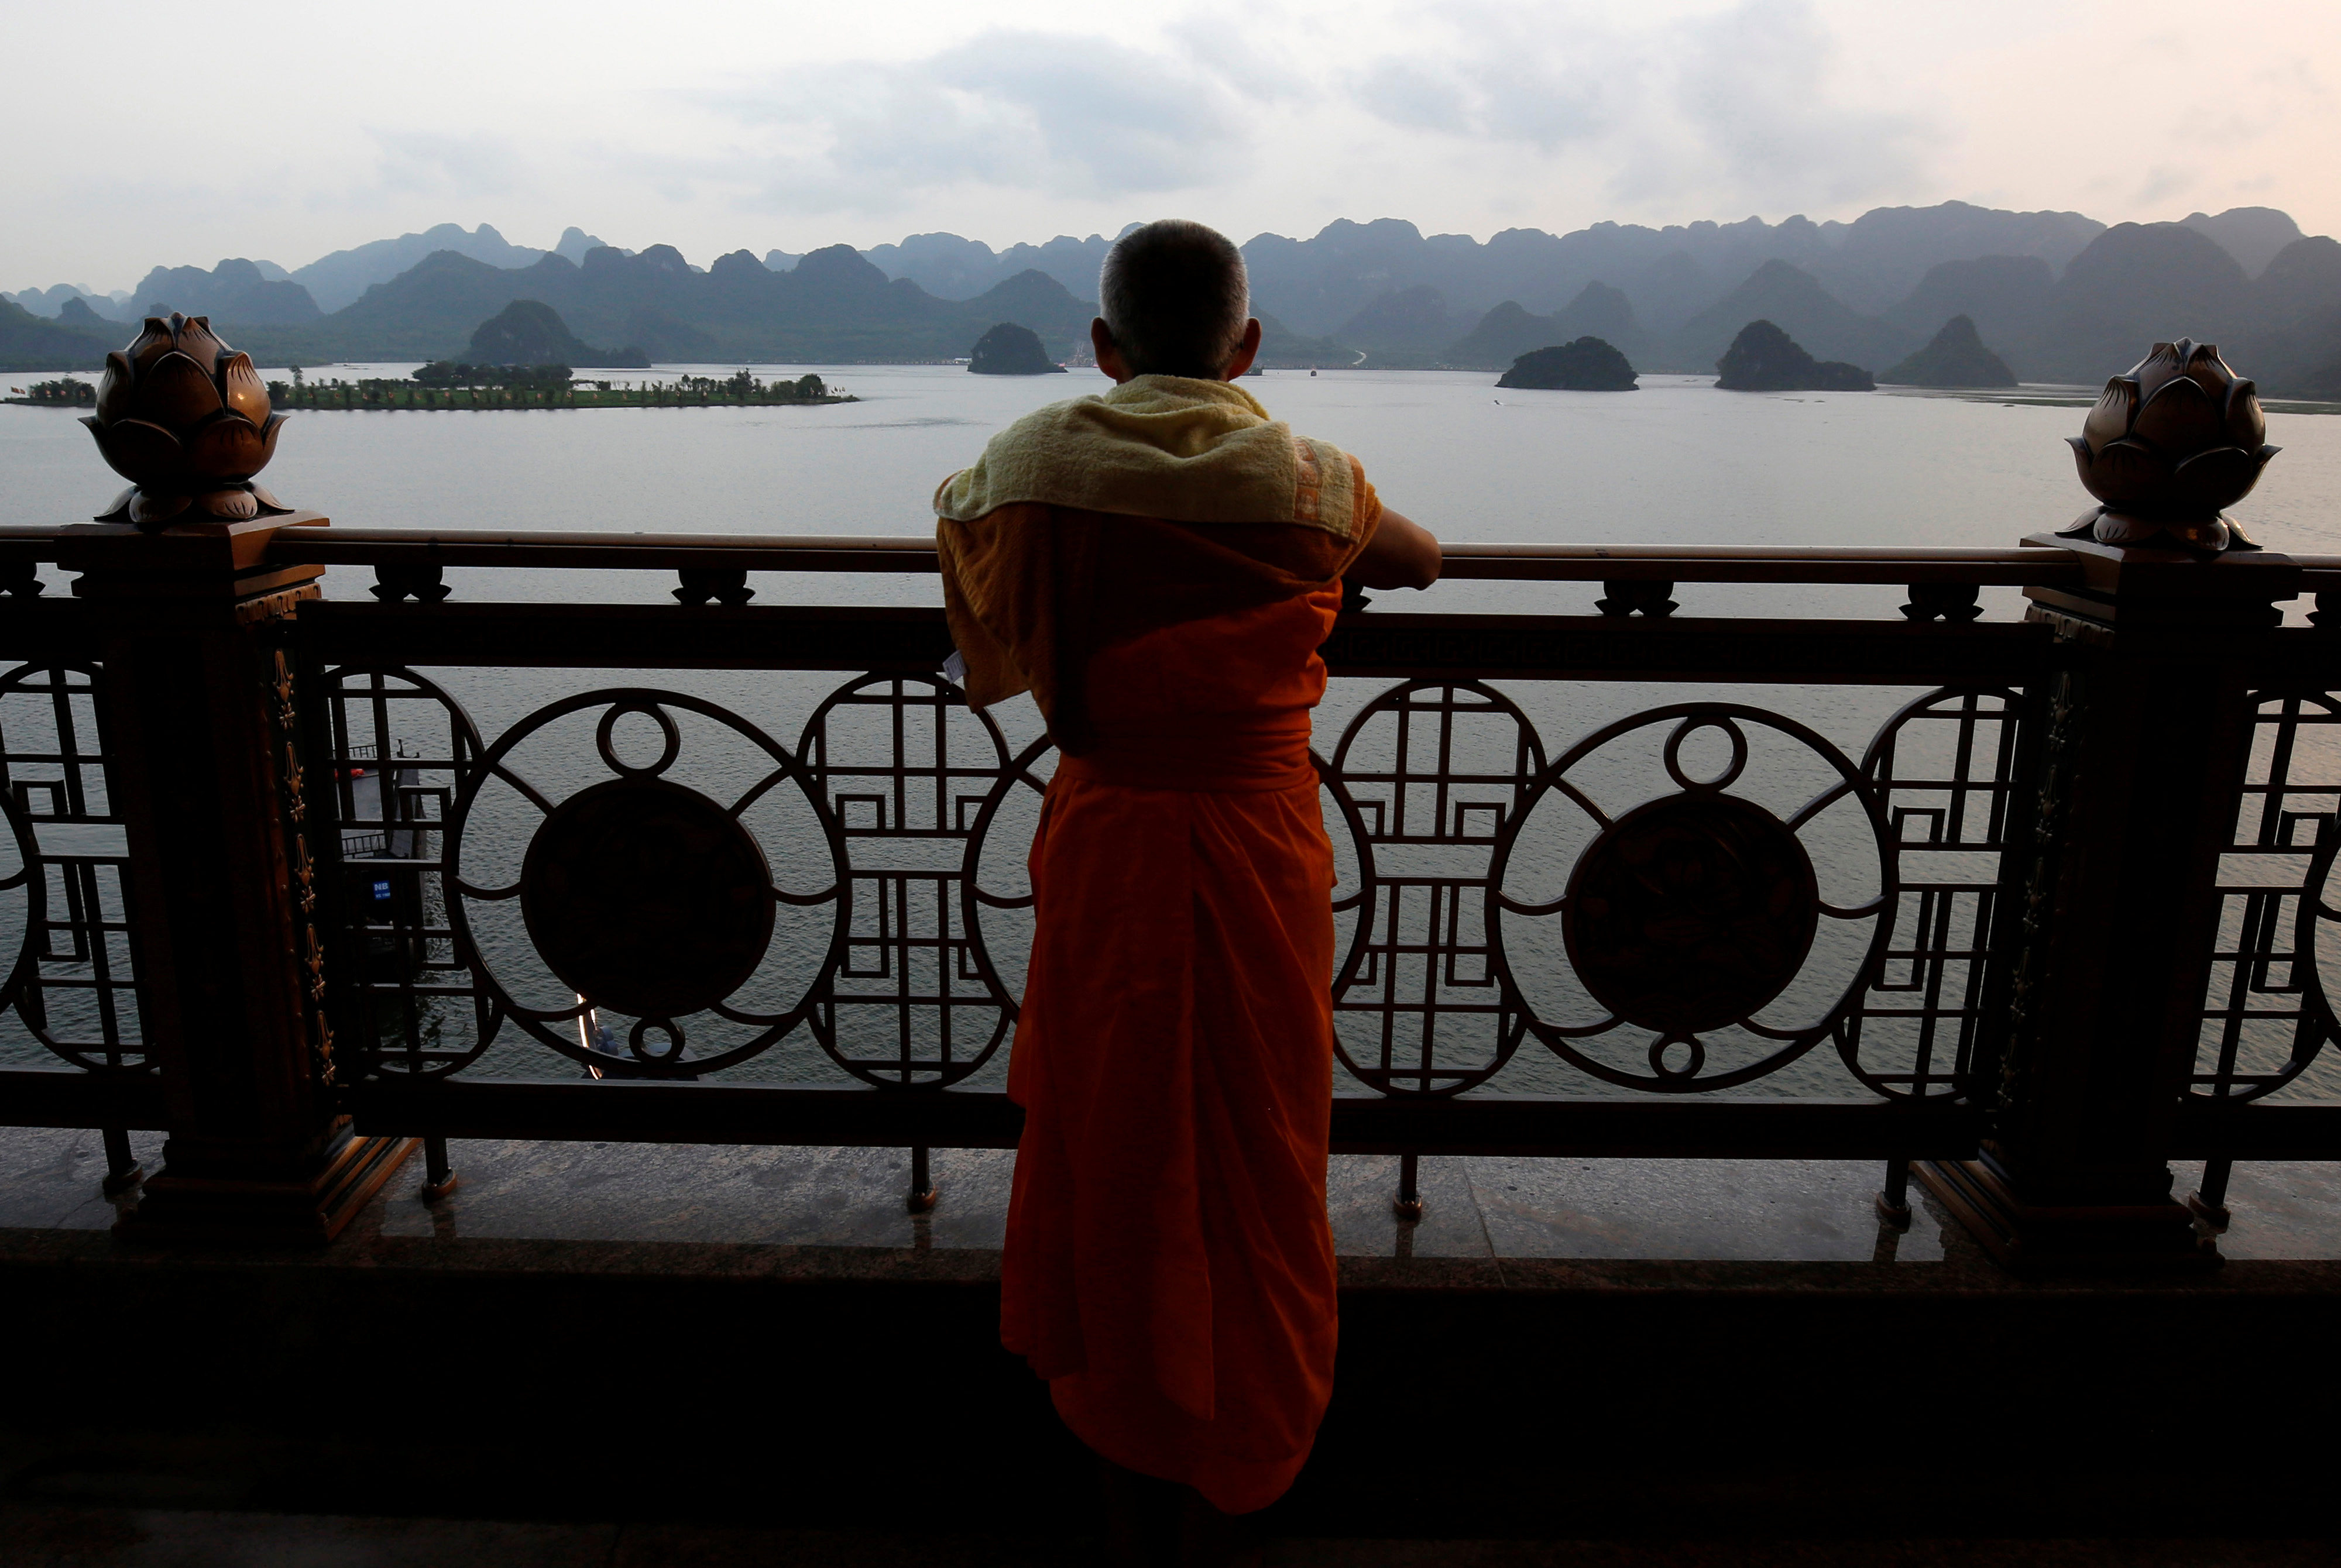 المهرجان الشعبى البوذى (1)